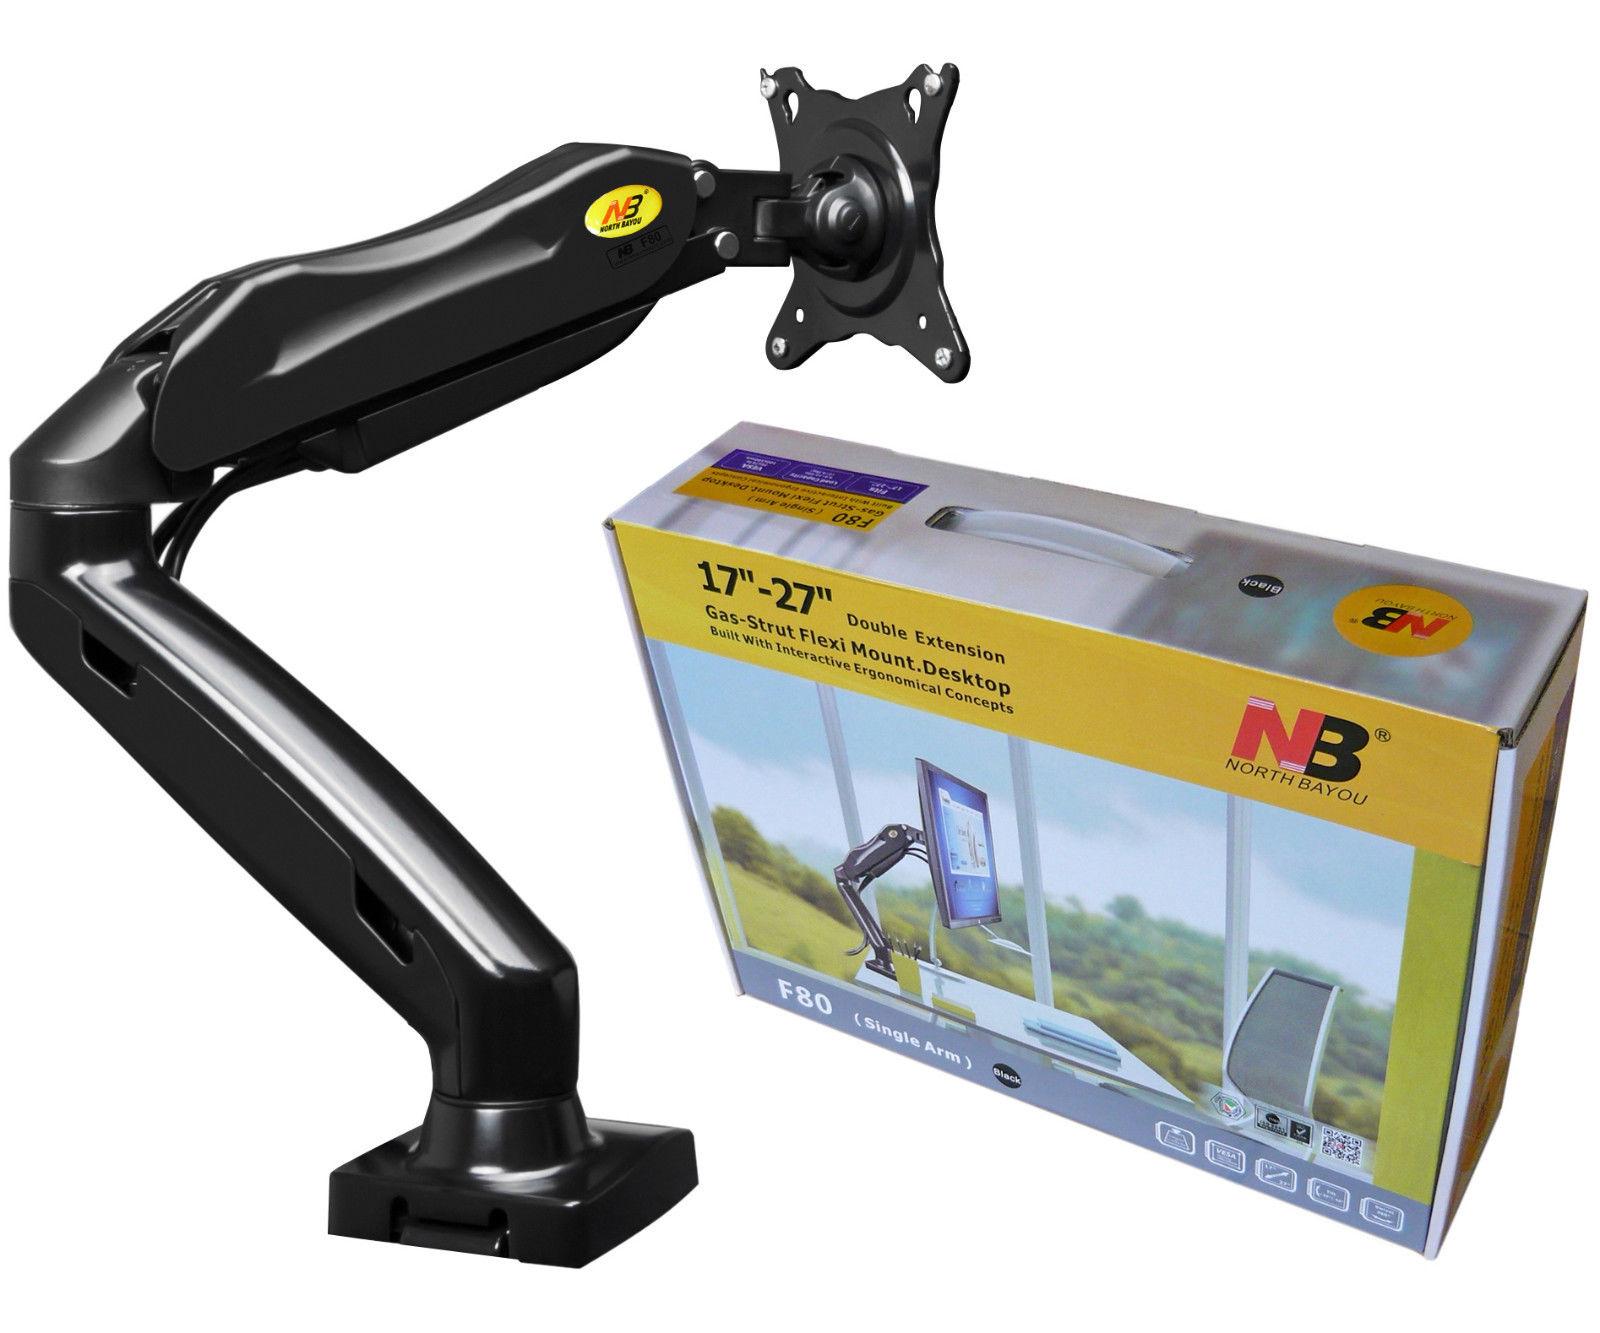 זרוע שולחנית הידראולית 3 מפרקים אגומטרית למסך מחשב חיבור לשולחן מלחציים (אפשרות הברגה) מתאימה לגודל מסך עד 27'' עד משקל 9 ק''ג אורך עד 53.8 ס''מ NB F80 Gas Strut Desktop Mount